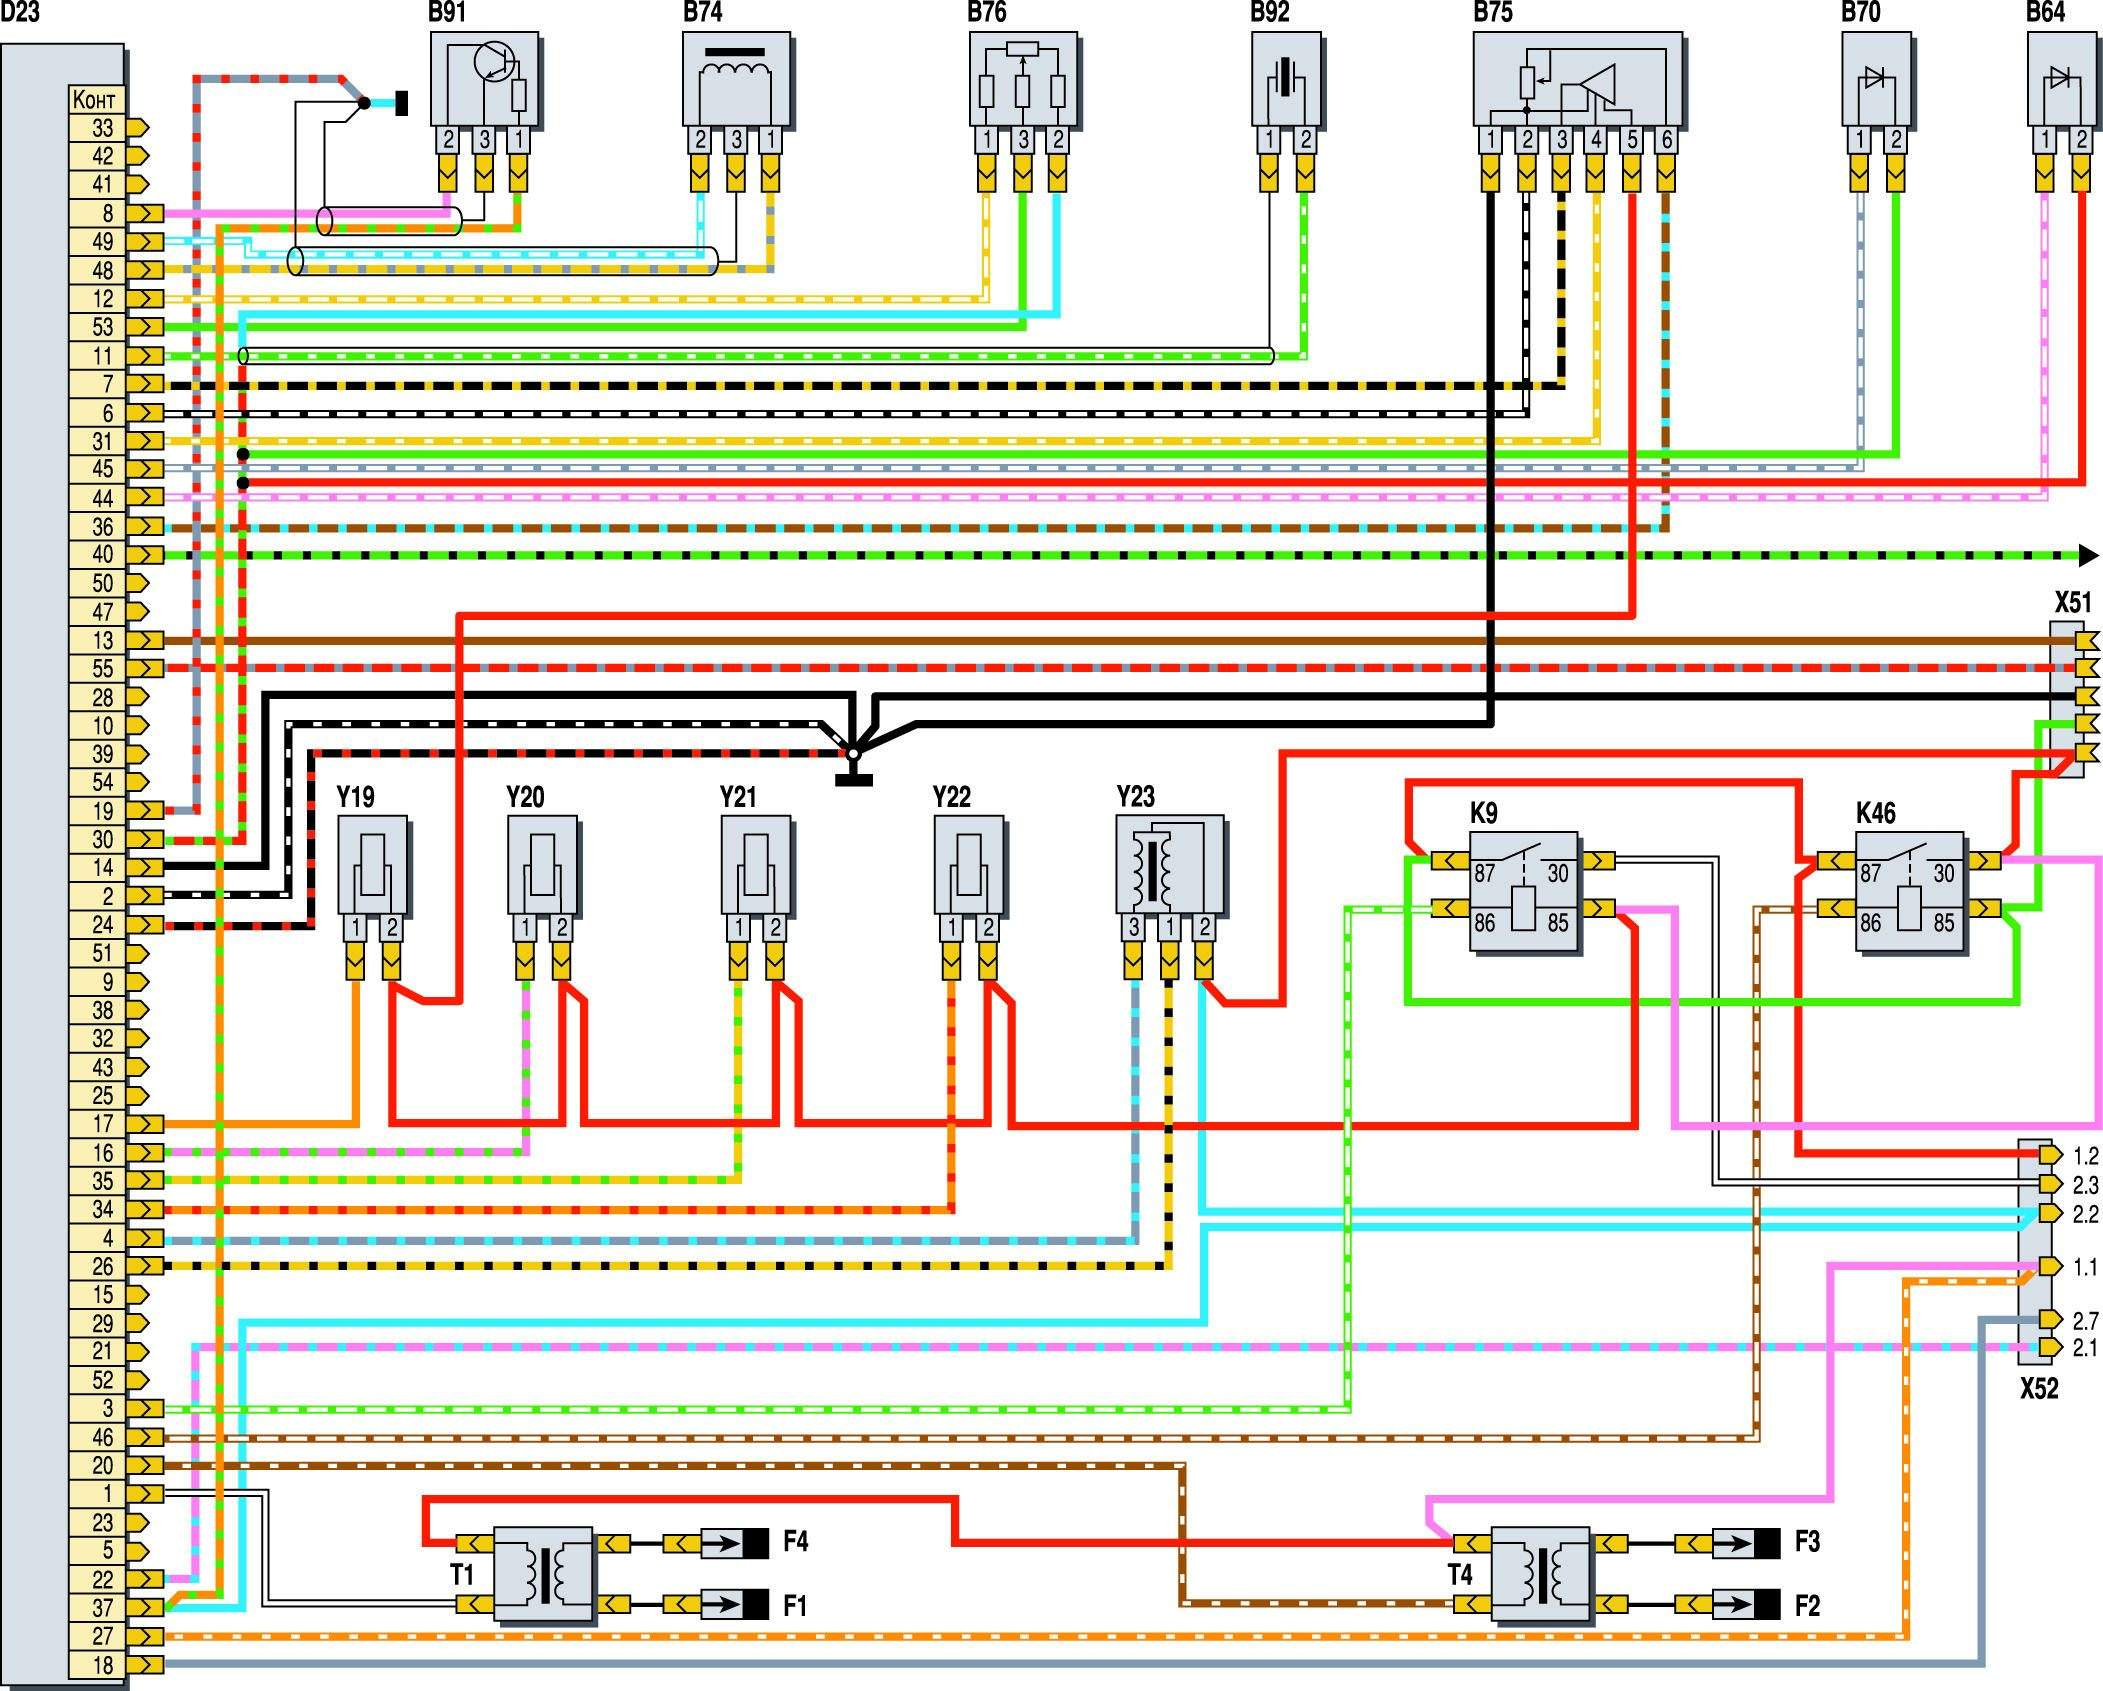 электросхема газель бизнес 4216 евро 4 с электронной педалью газа